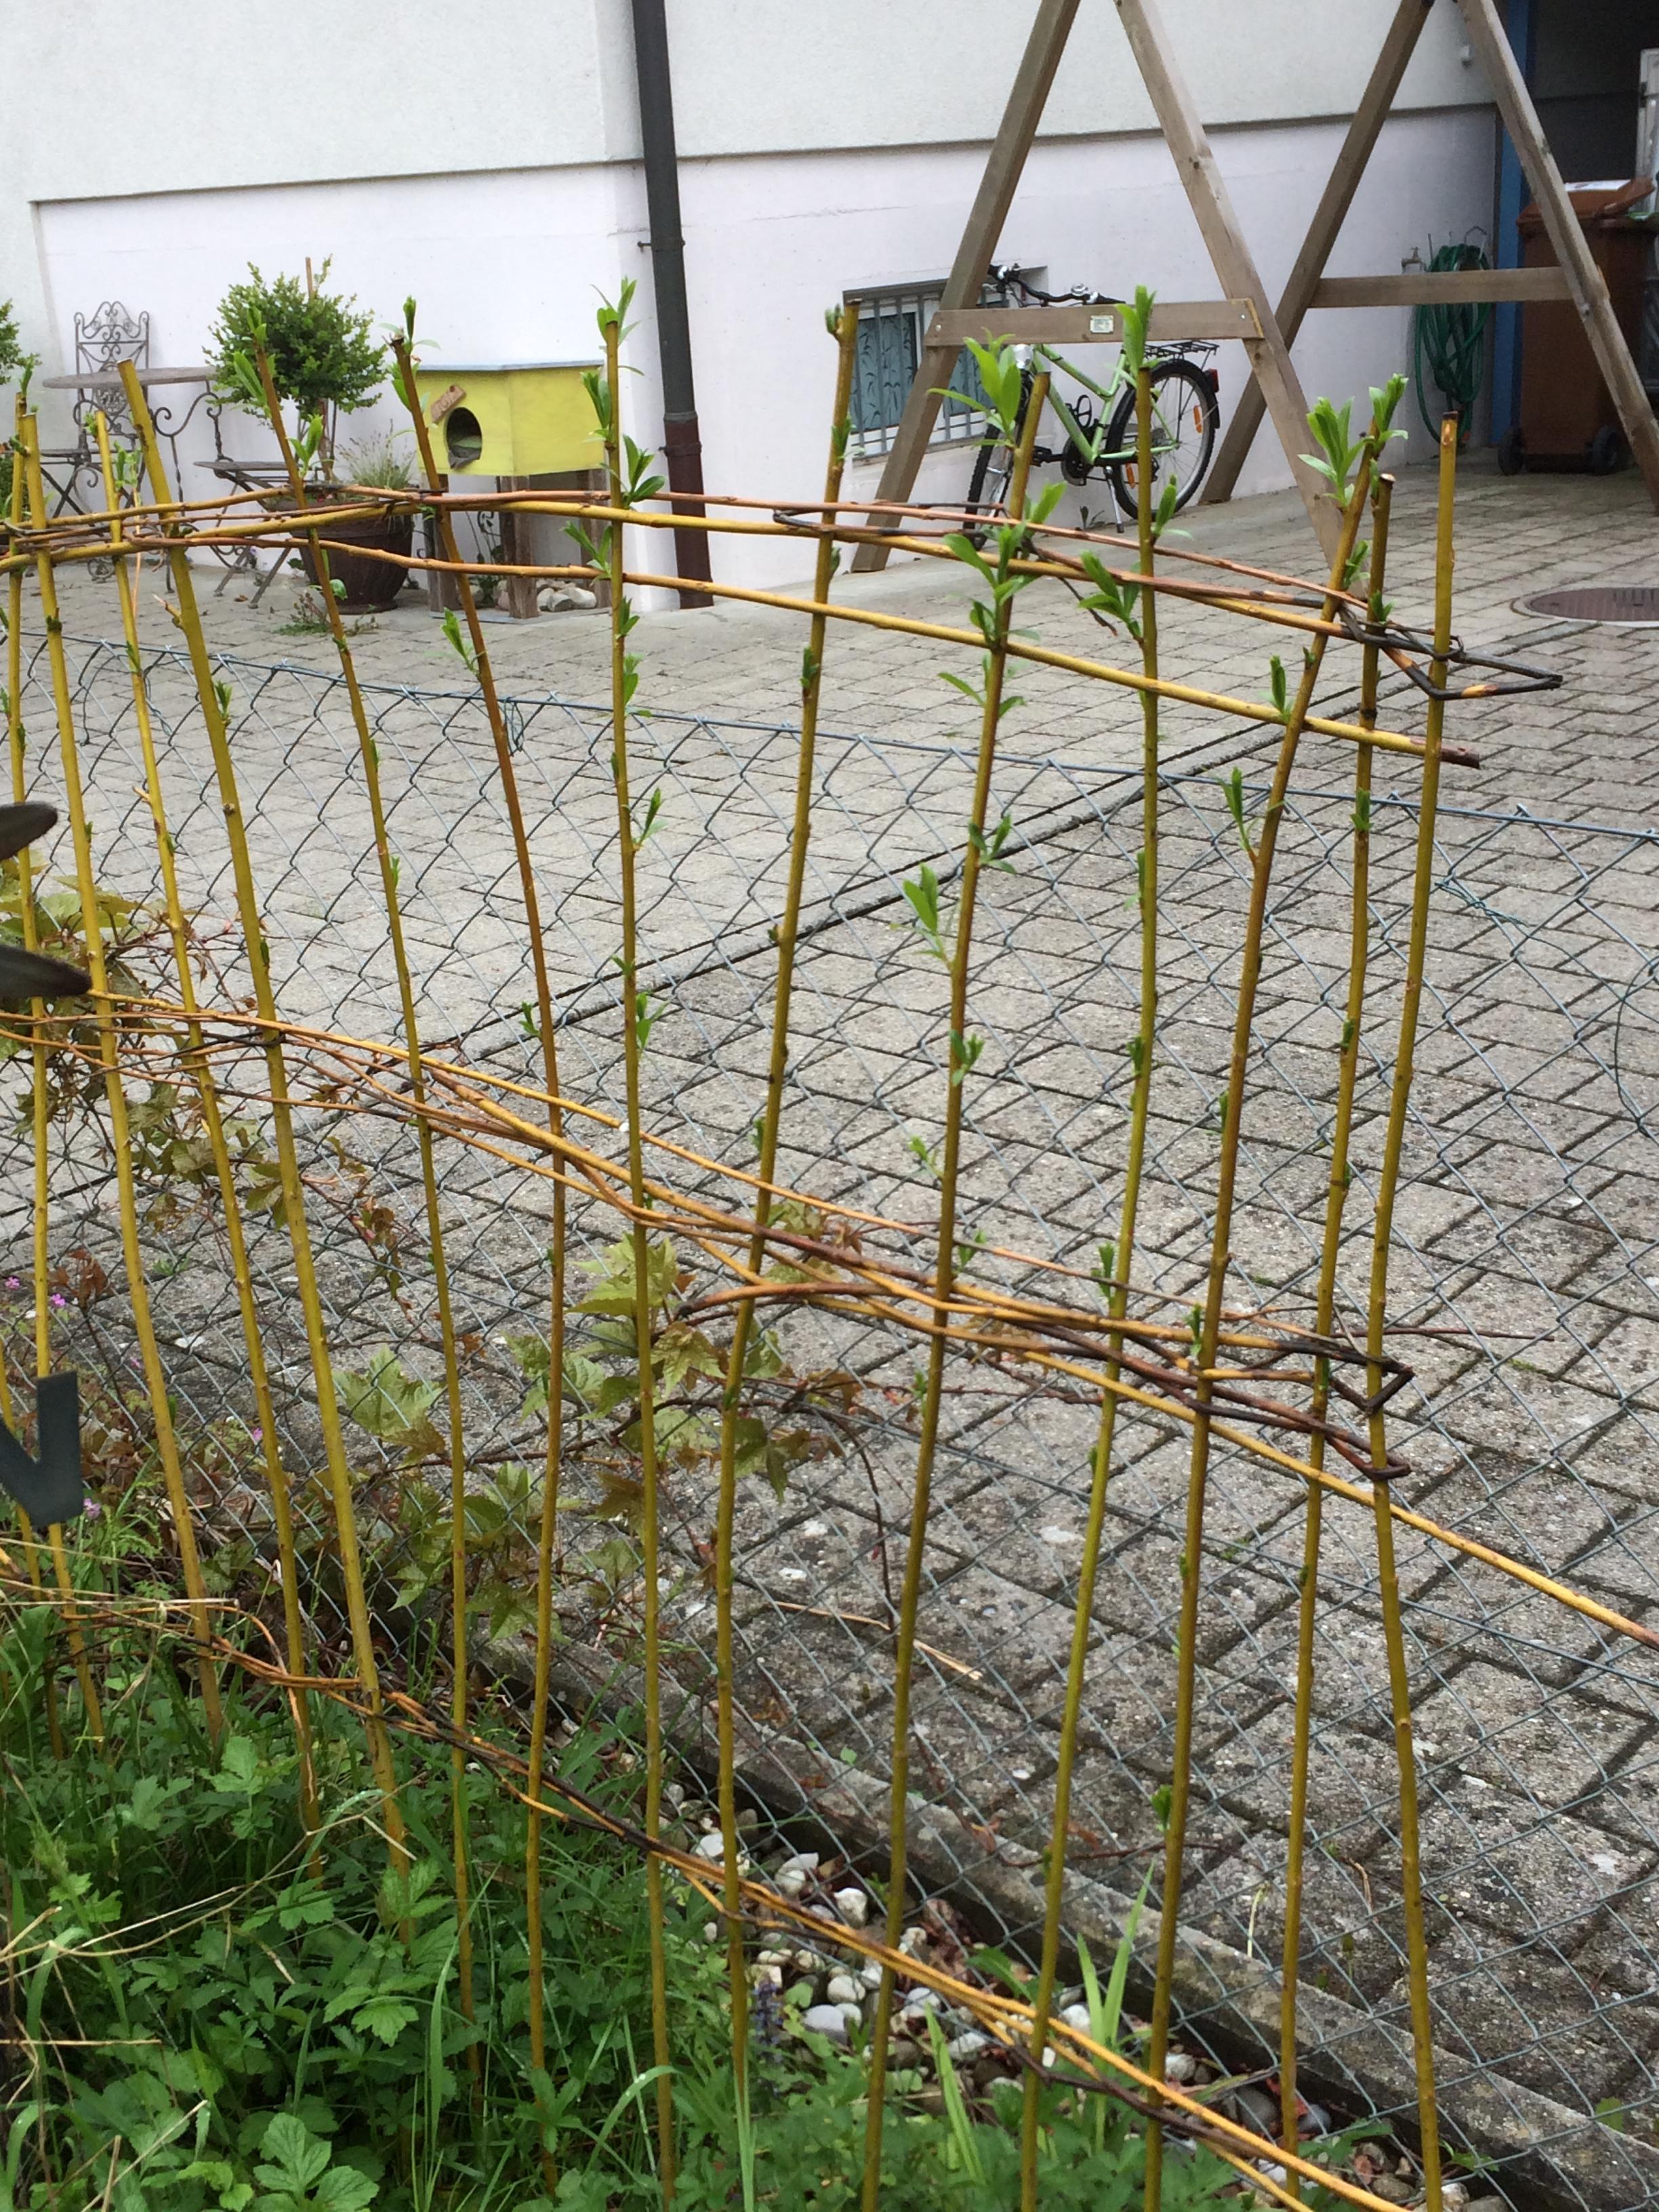 lebender zaun sichtschutz sichtschutz echter efeu balkon terrasse verkleidung lebender. Black Bedroom Furniture Sets. Home Design Ideas